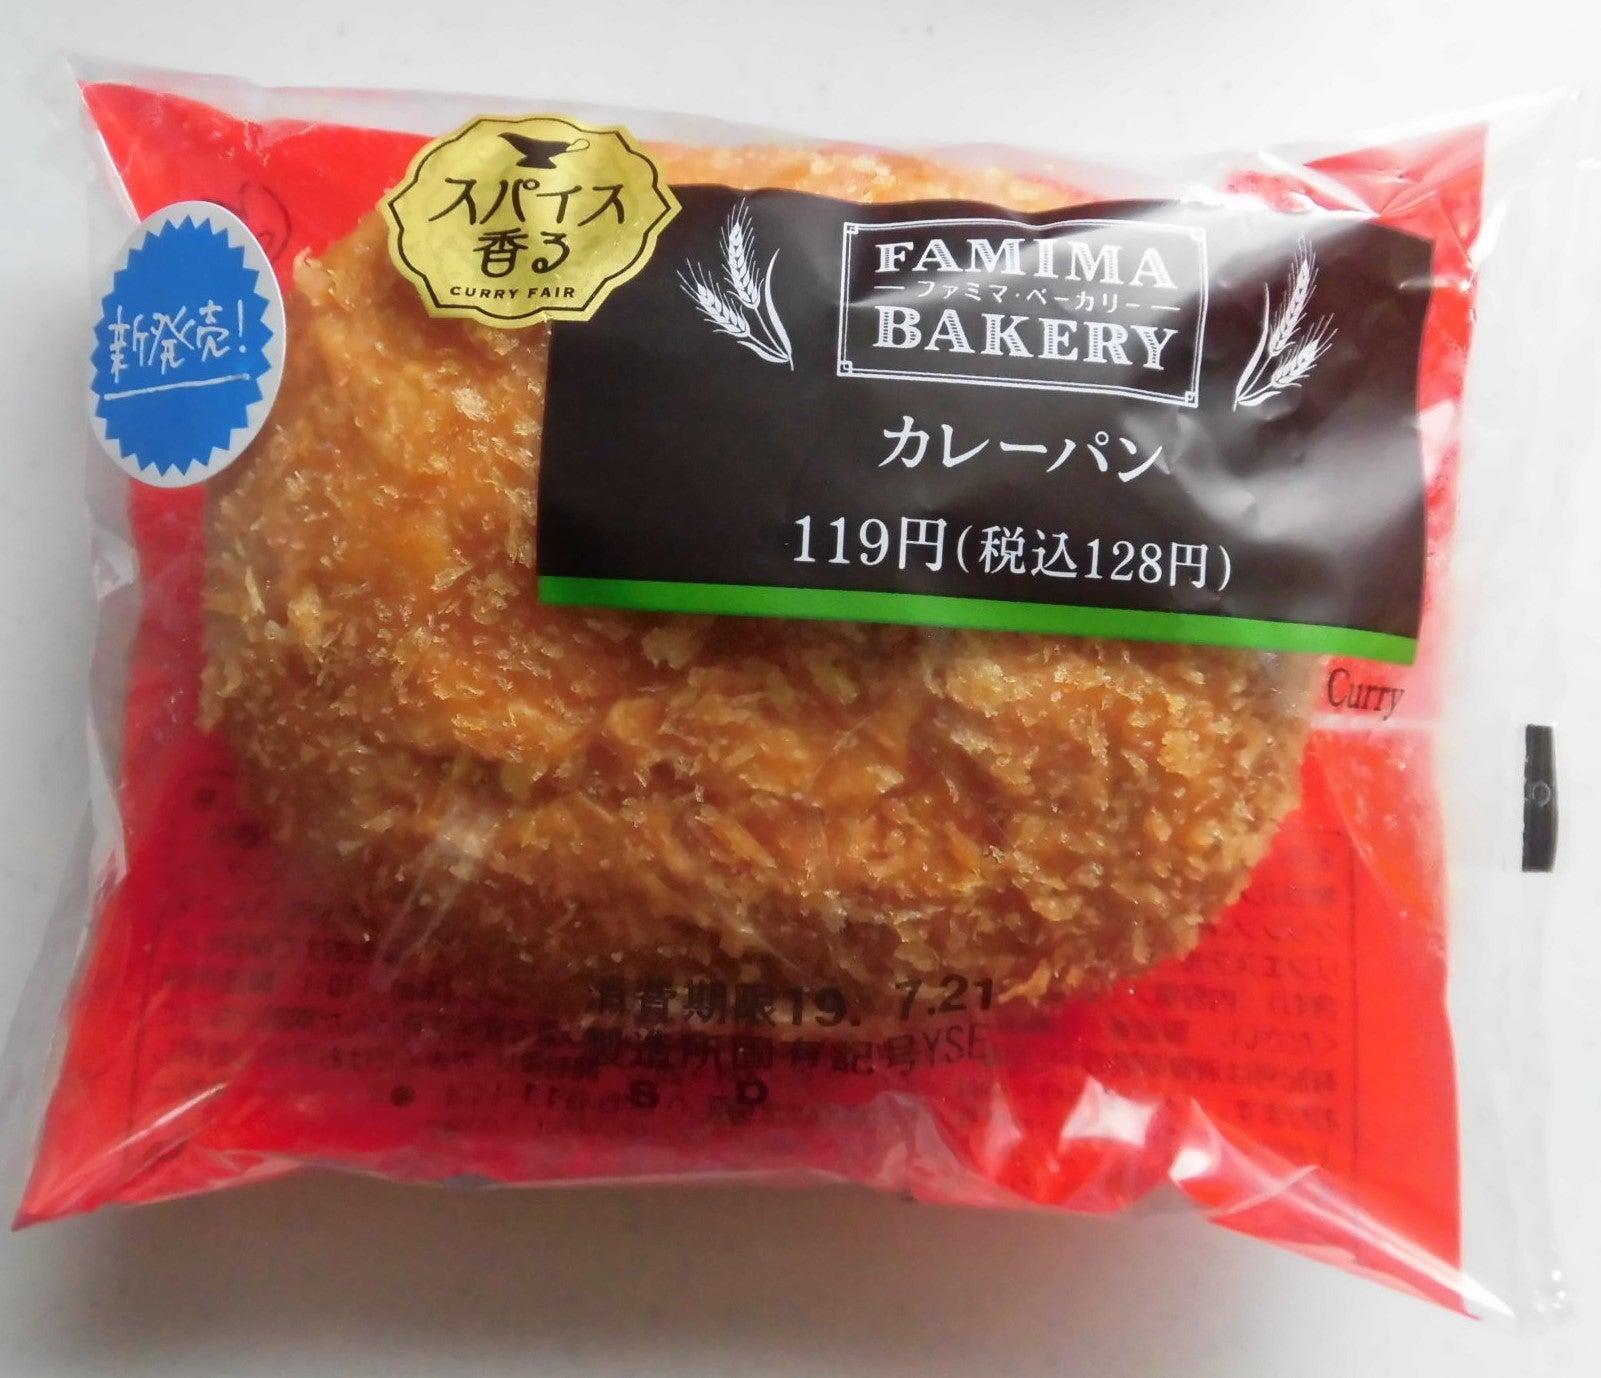 ファミリーマート カレーパン | コンビニ・スーパー・外食日記